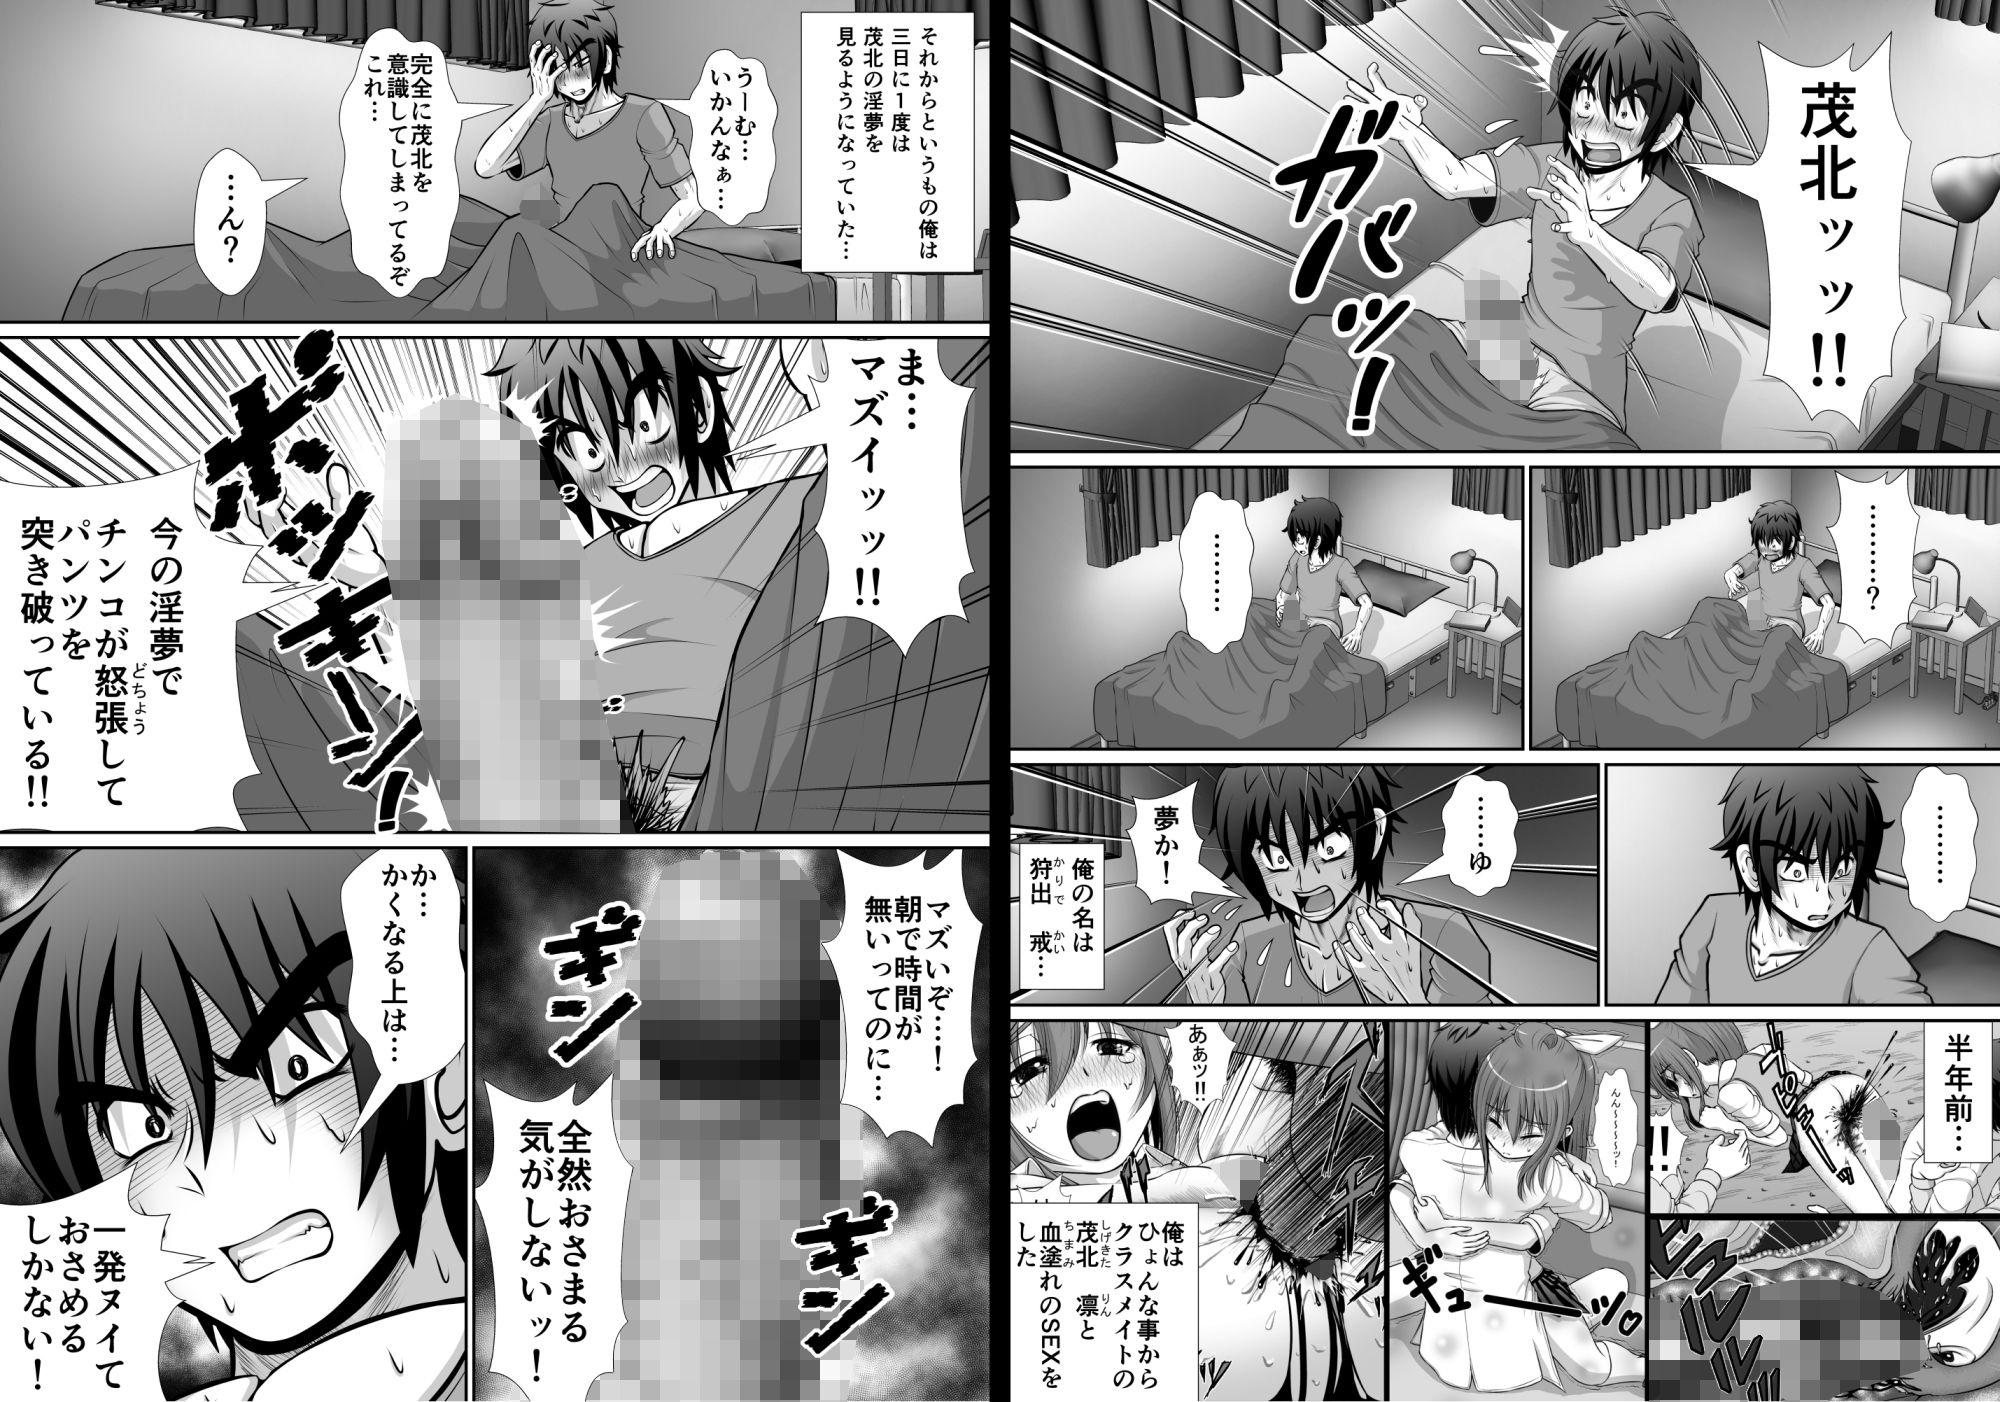 膣破壊系女子5その1-2